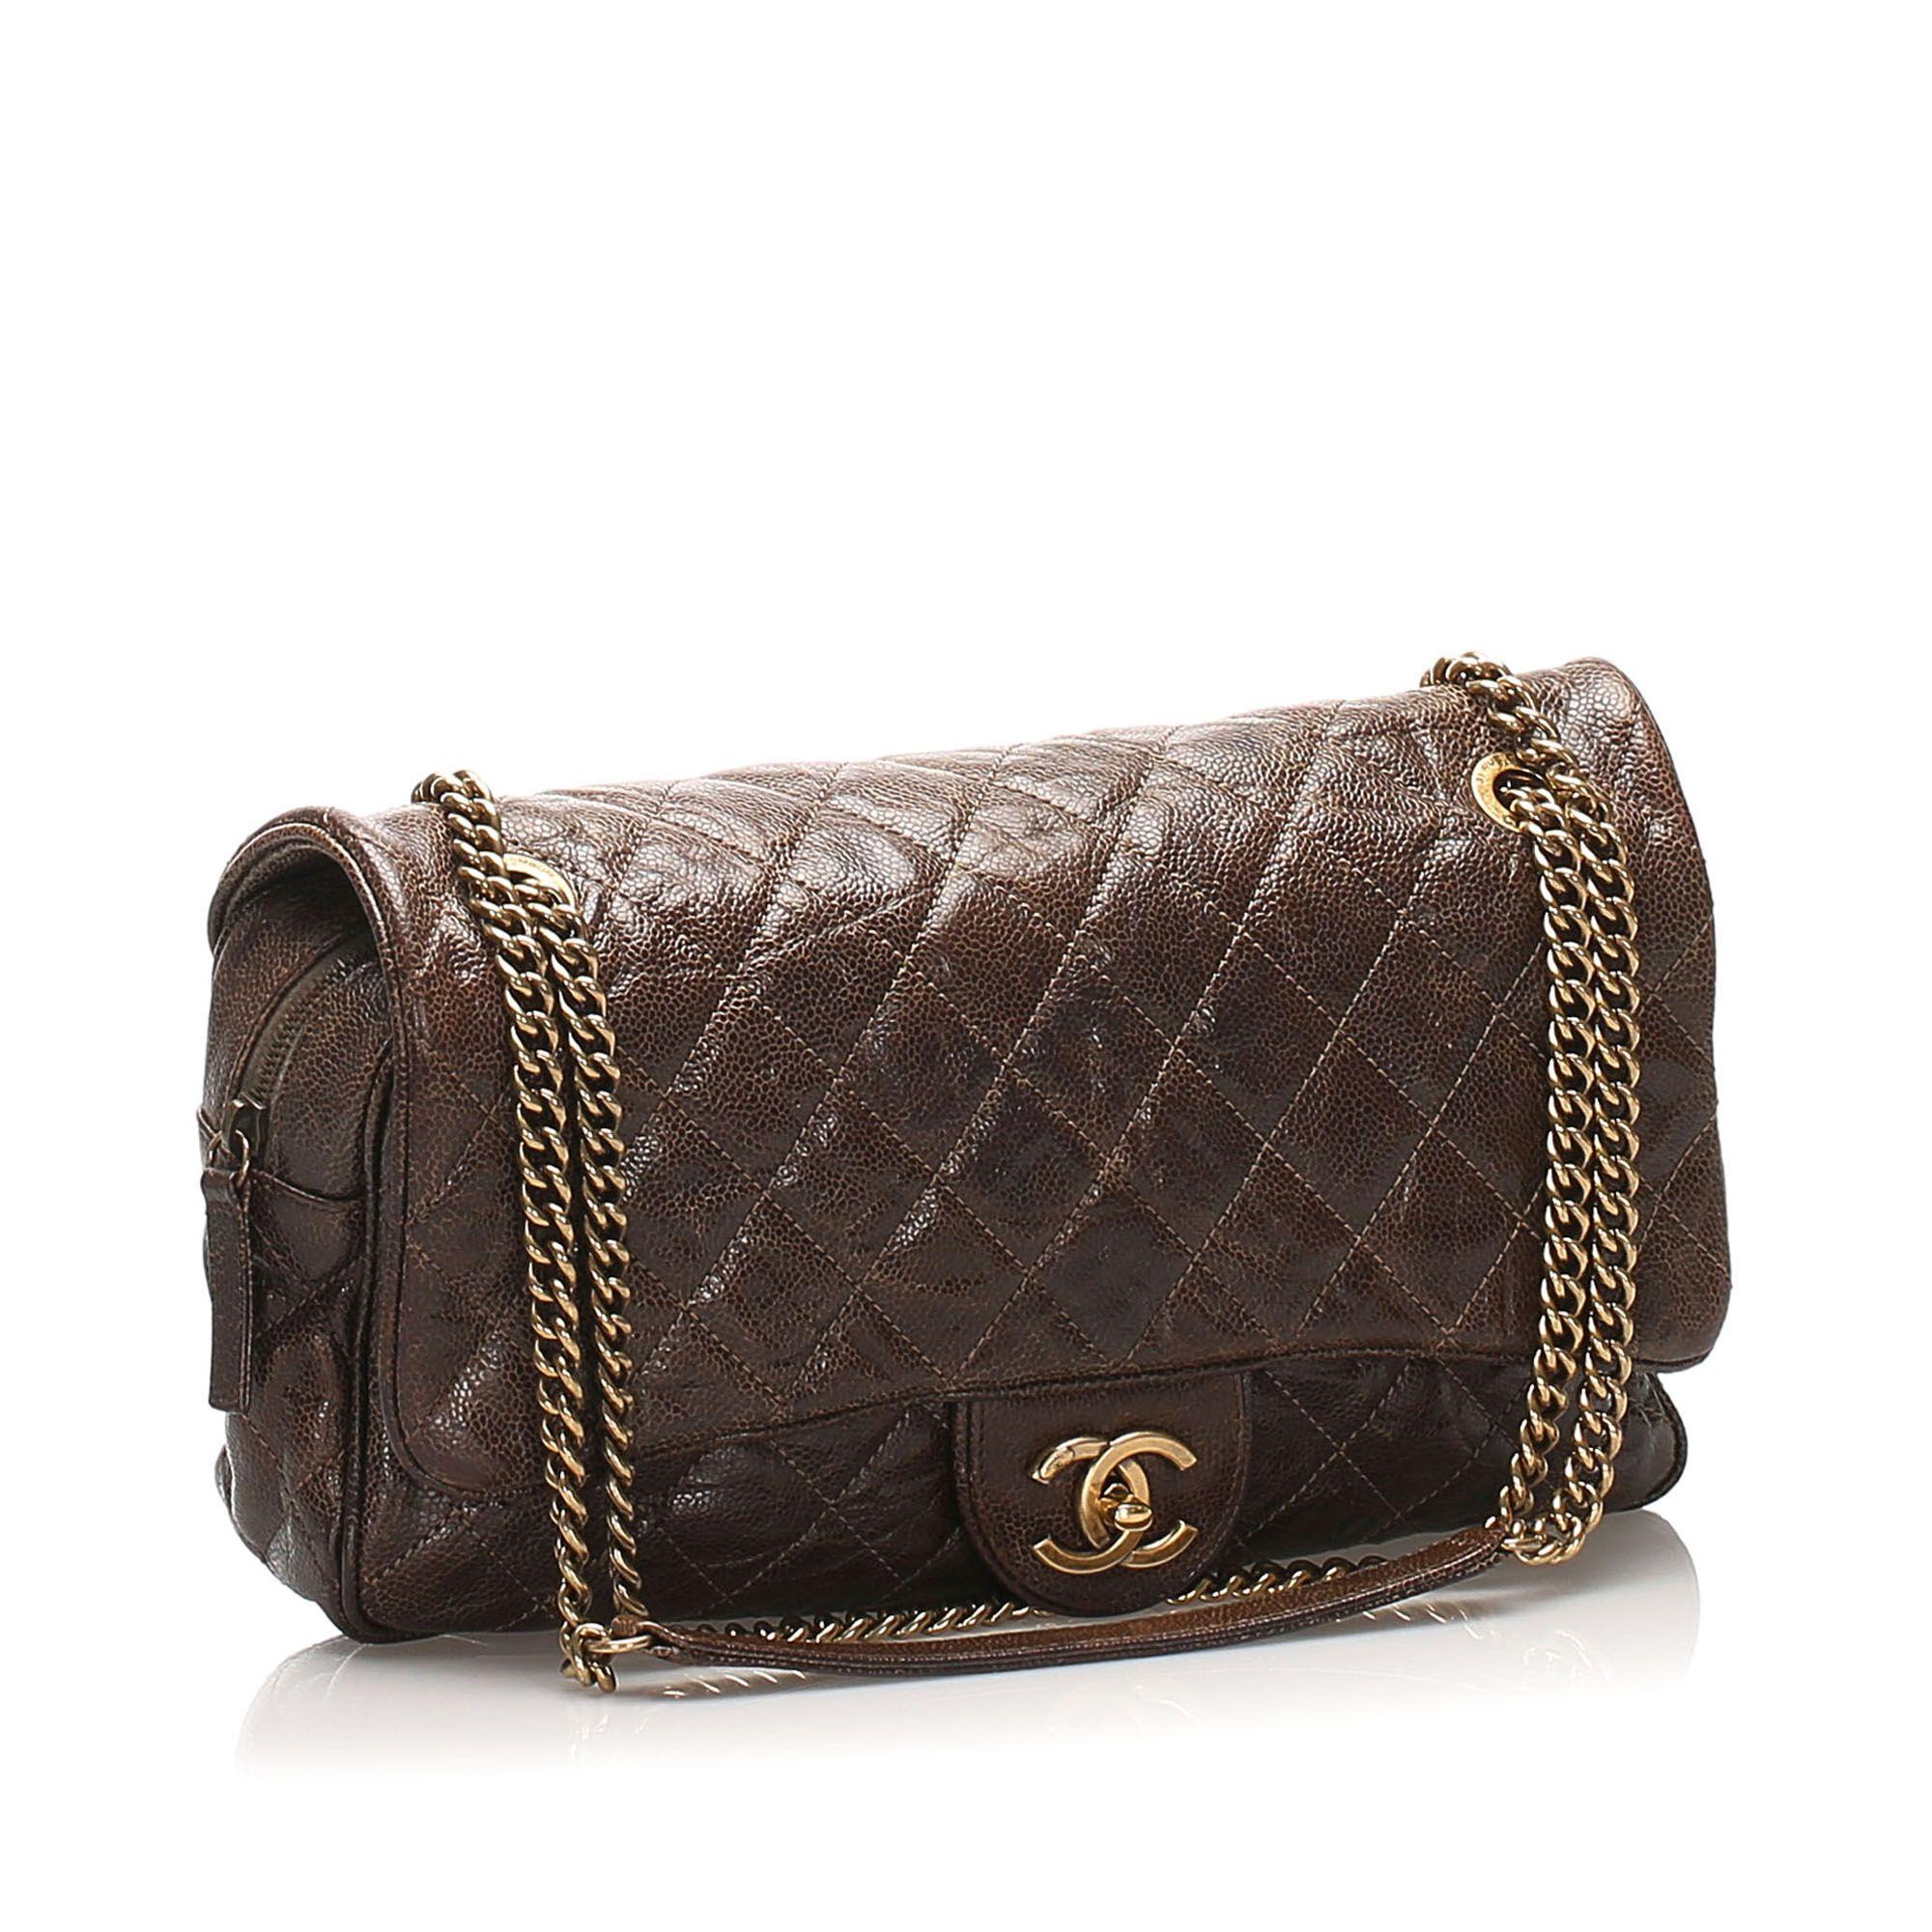 Vintage Chanel CC Timeless Caviar Shoulder Bag Brown